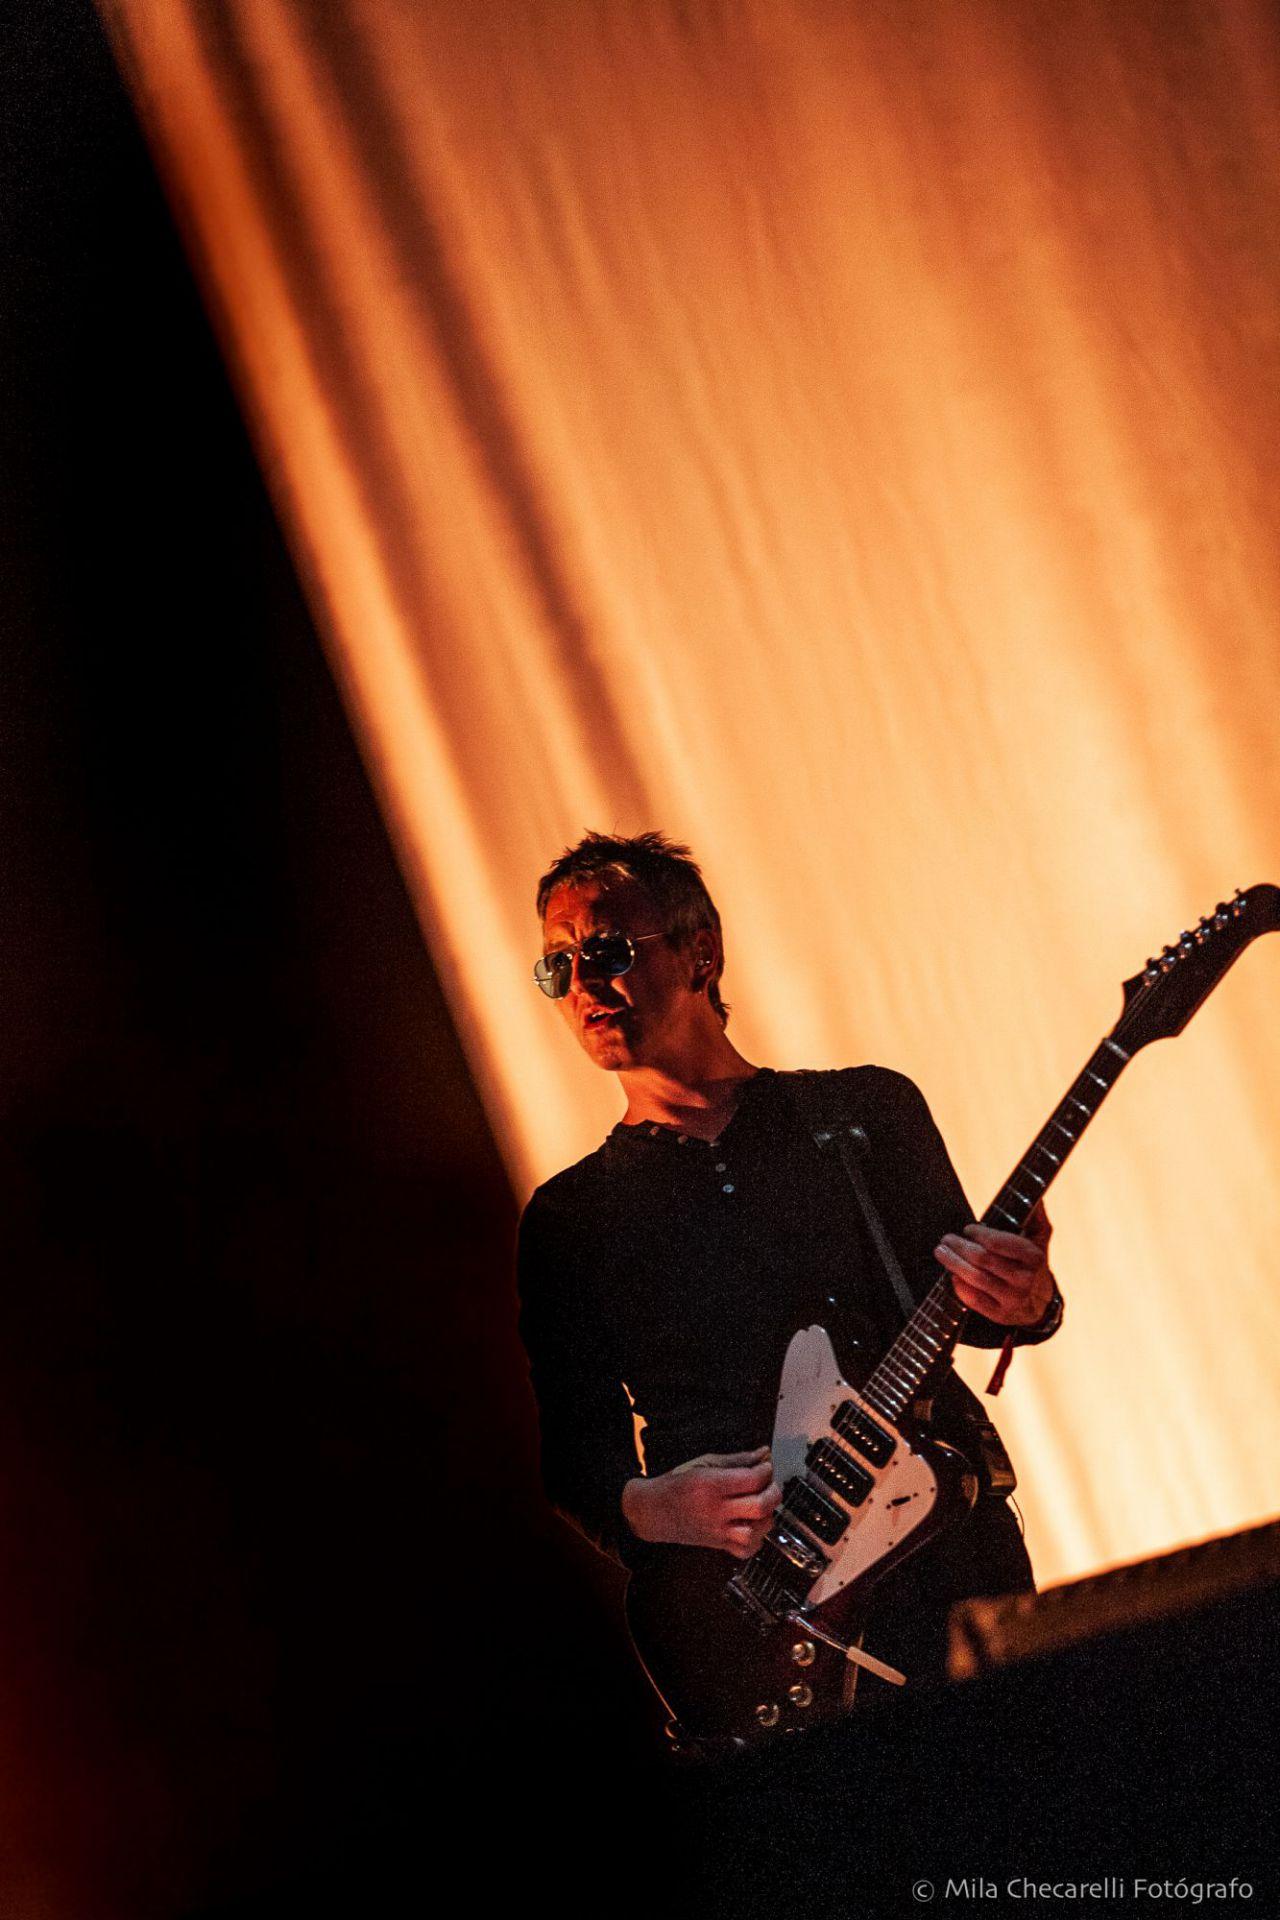 El exOasis Noel Gallagher presentó su último LP en el Mad Cool con su actual banda: High Flying Birds